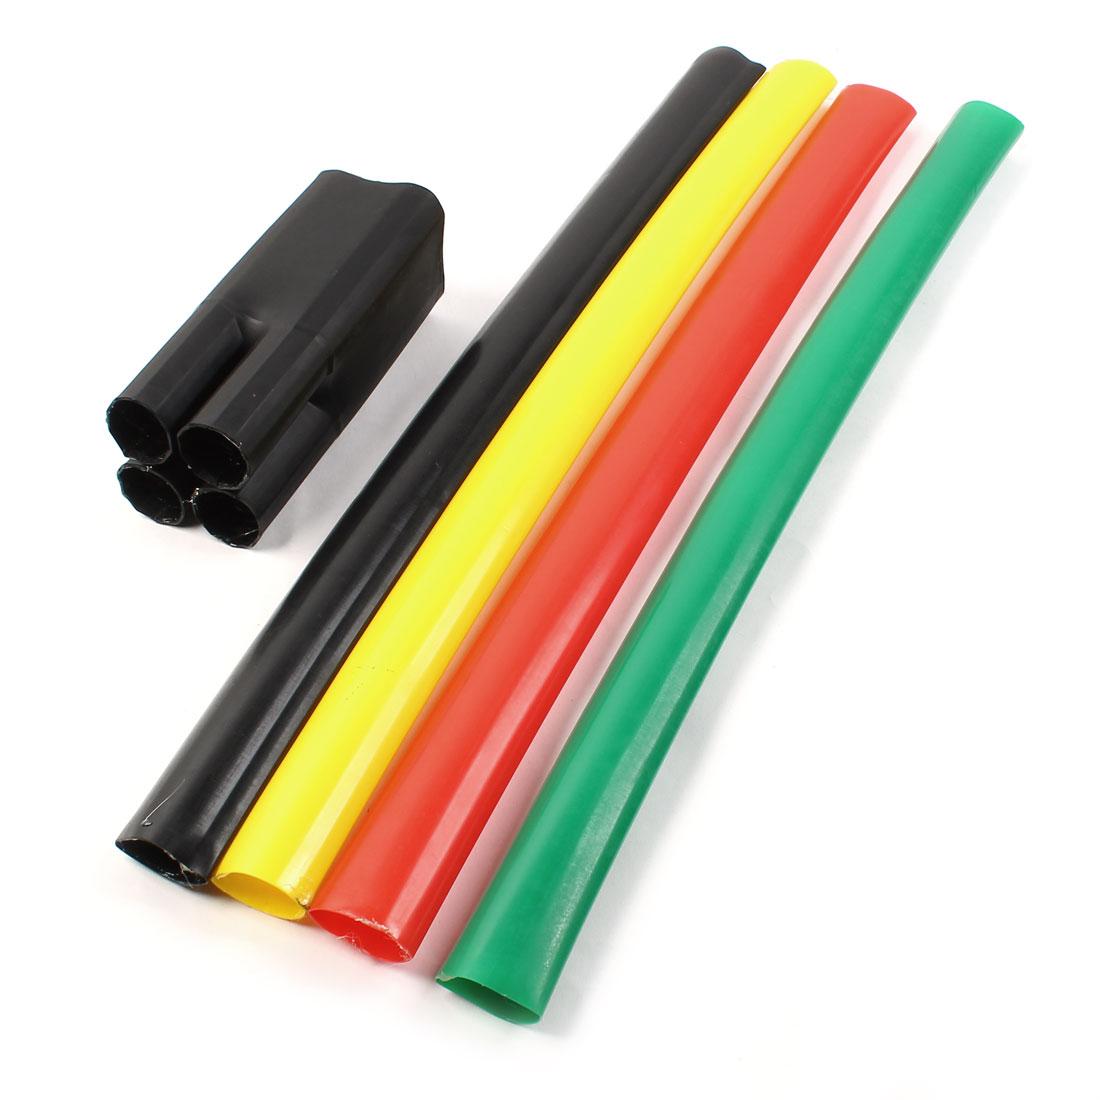 1KV 150-240mm2 Multi Color Heat Shrinkable Bushing 4 Way Heatshrink Breakout Boot